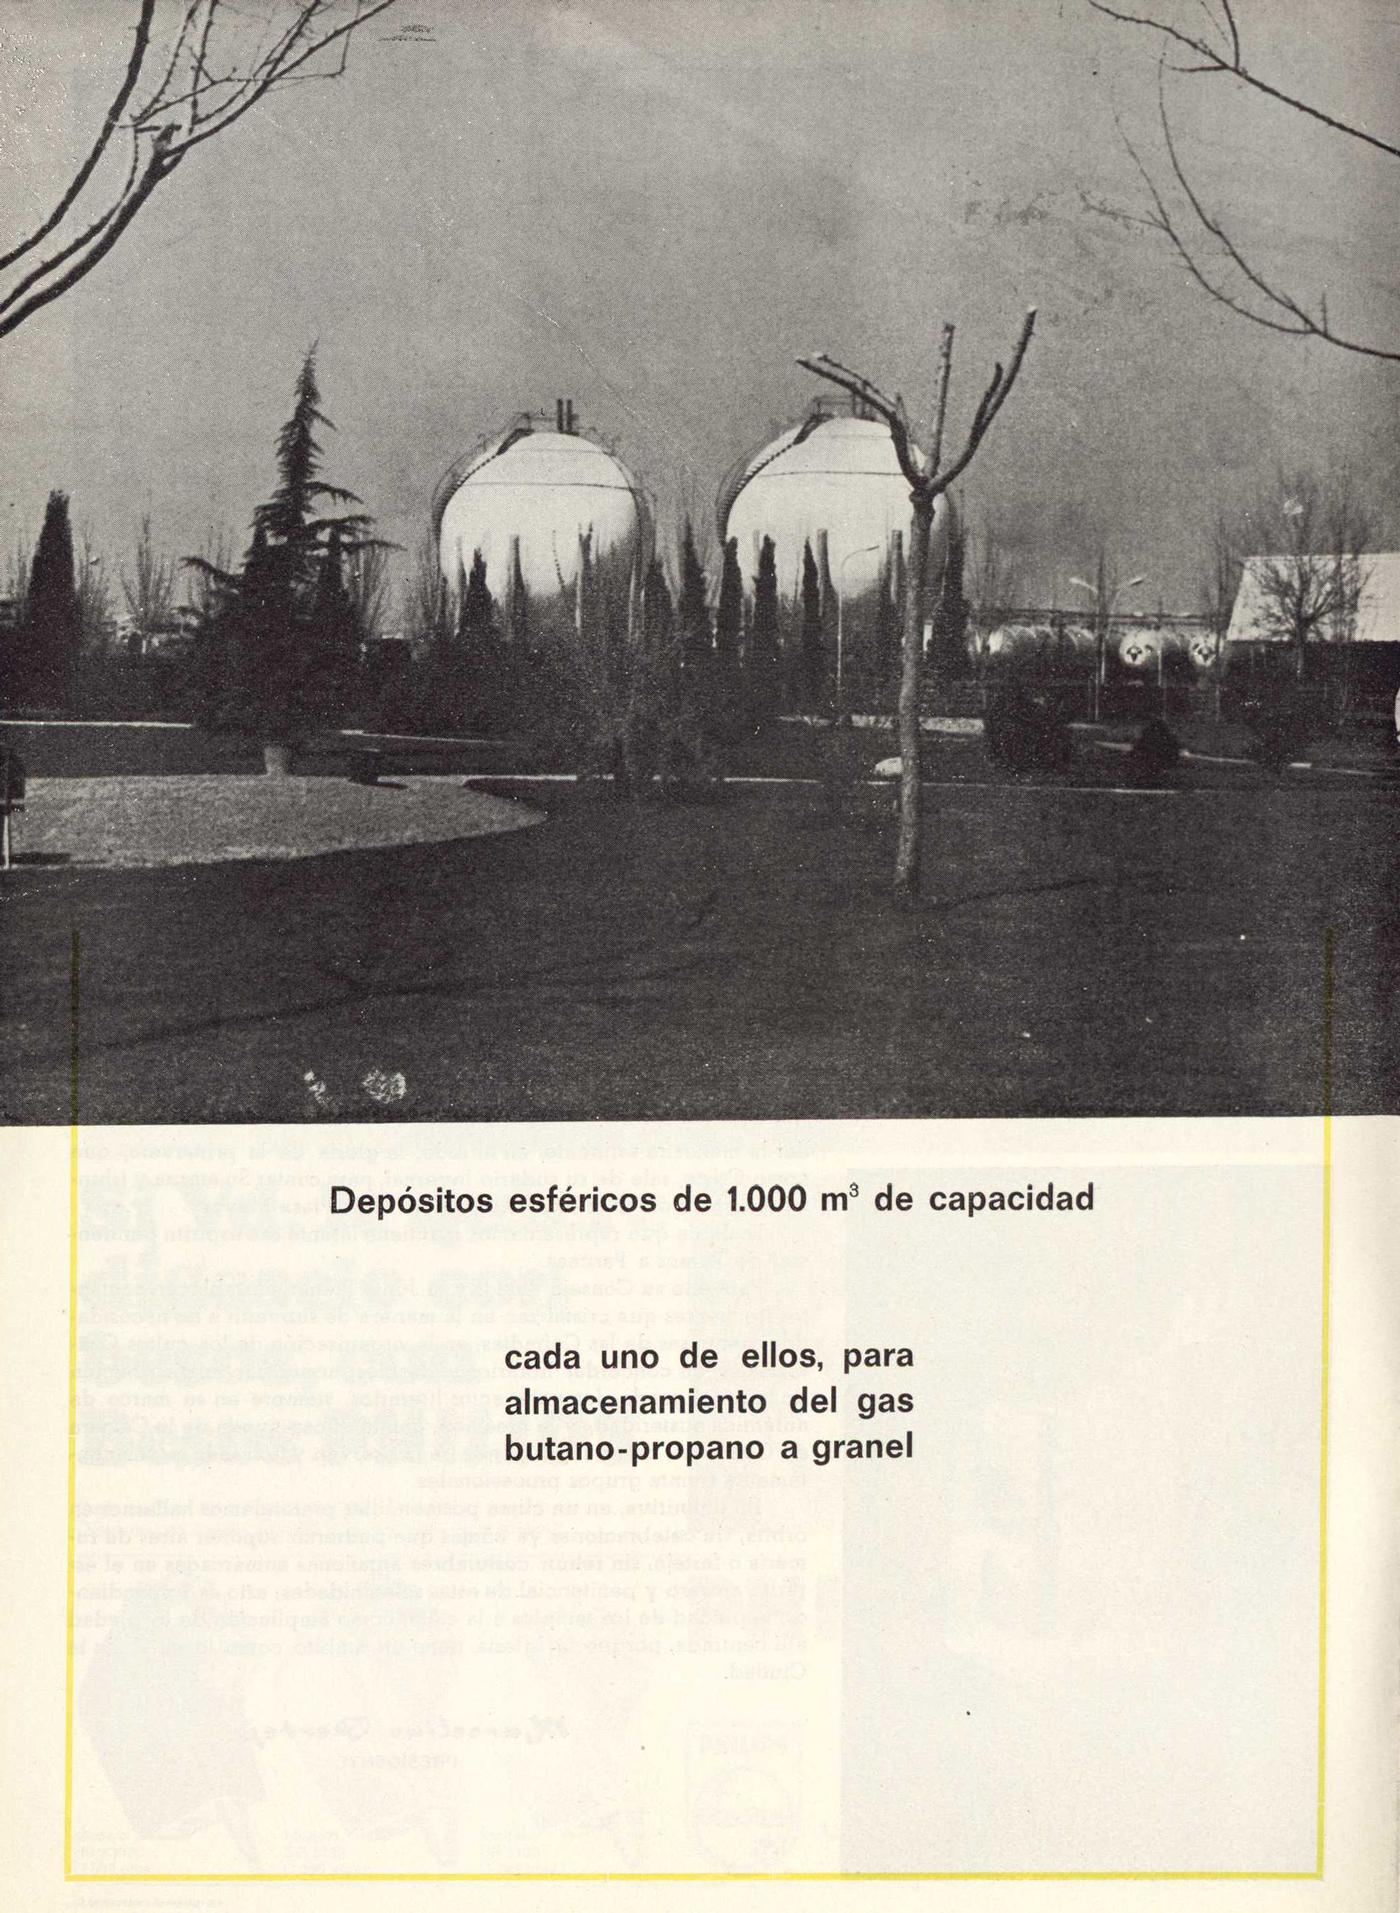 1969-semanasanta-merlc3ba-radiozamora5